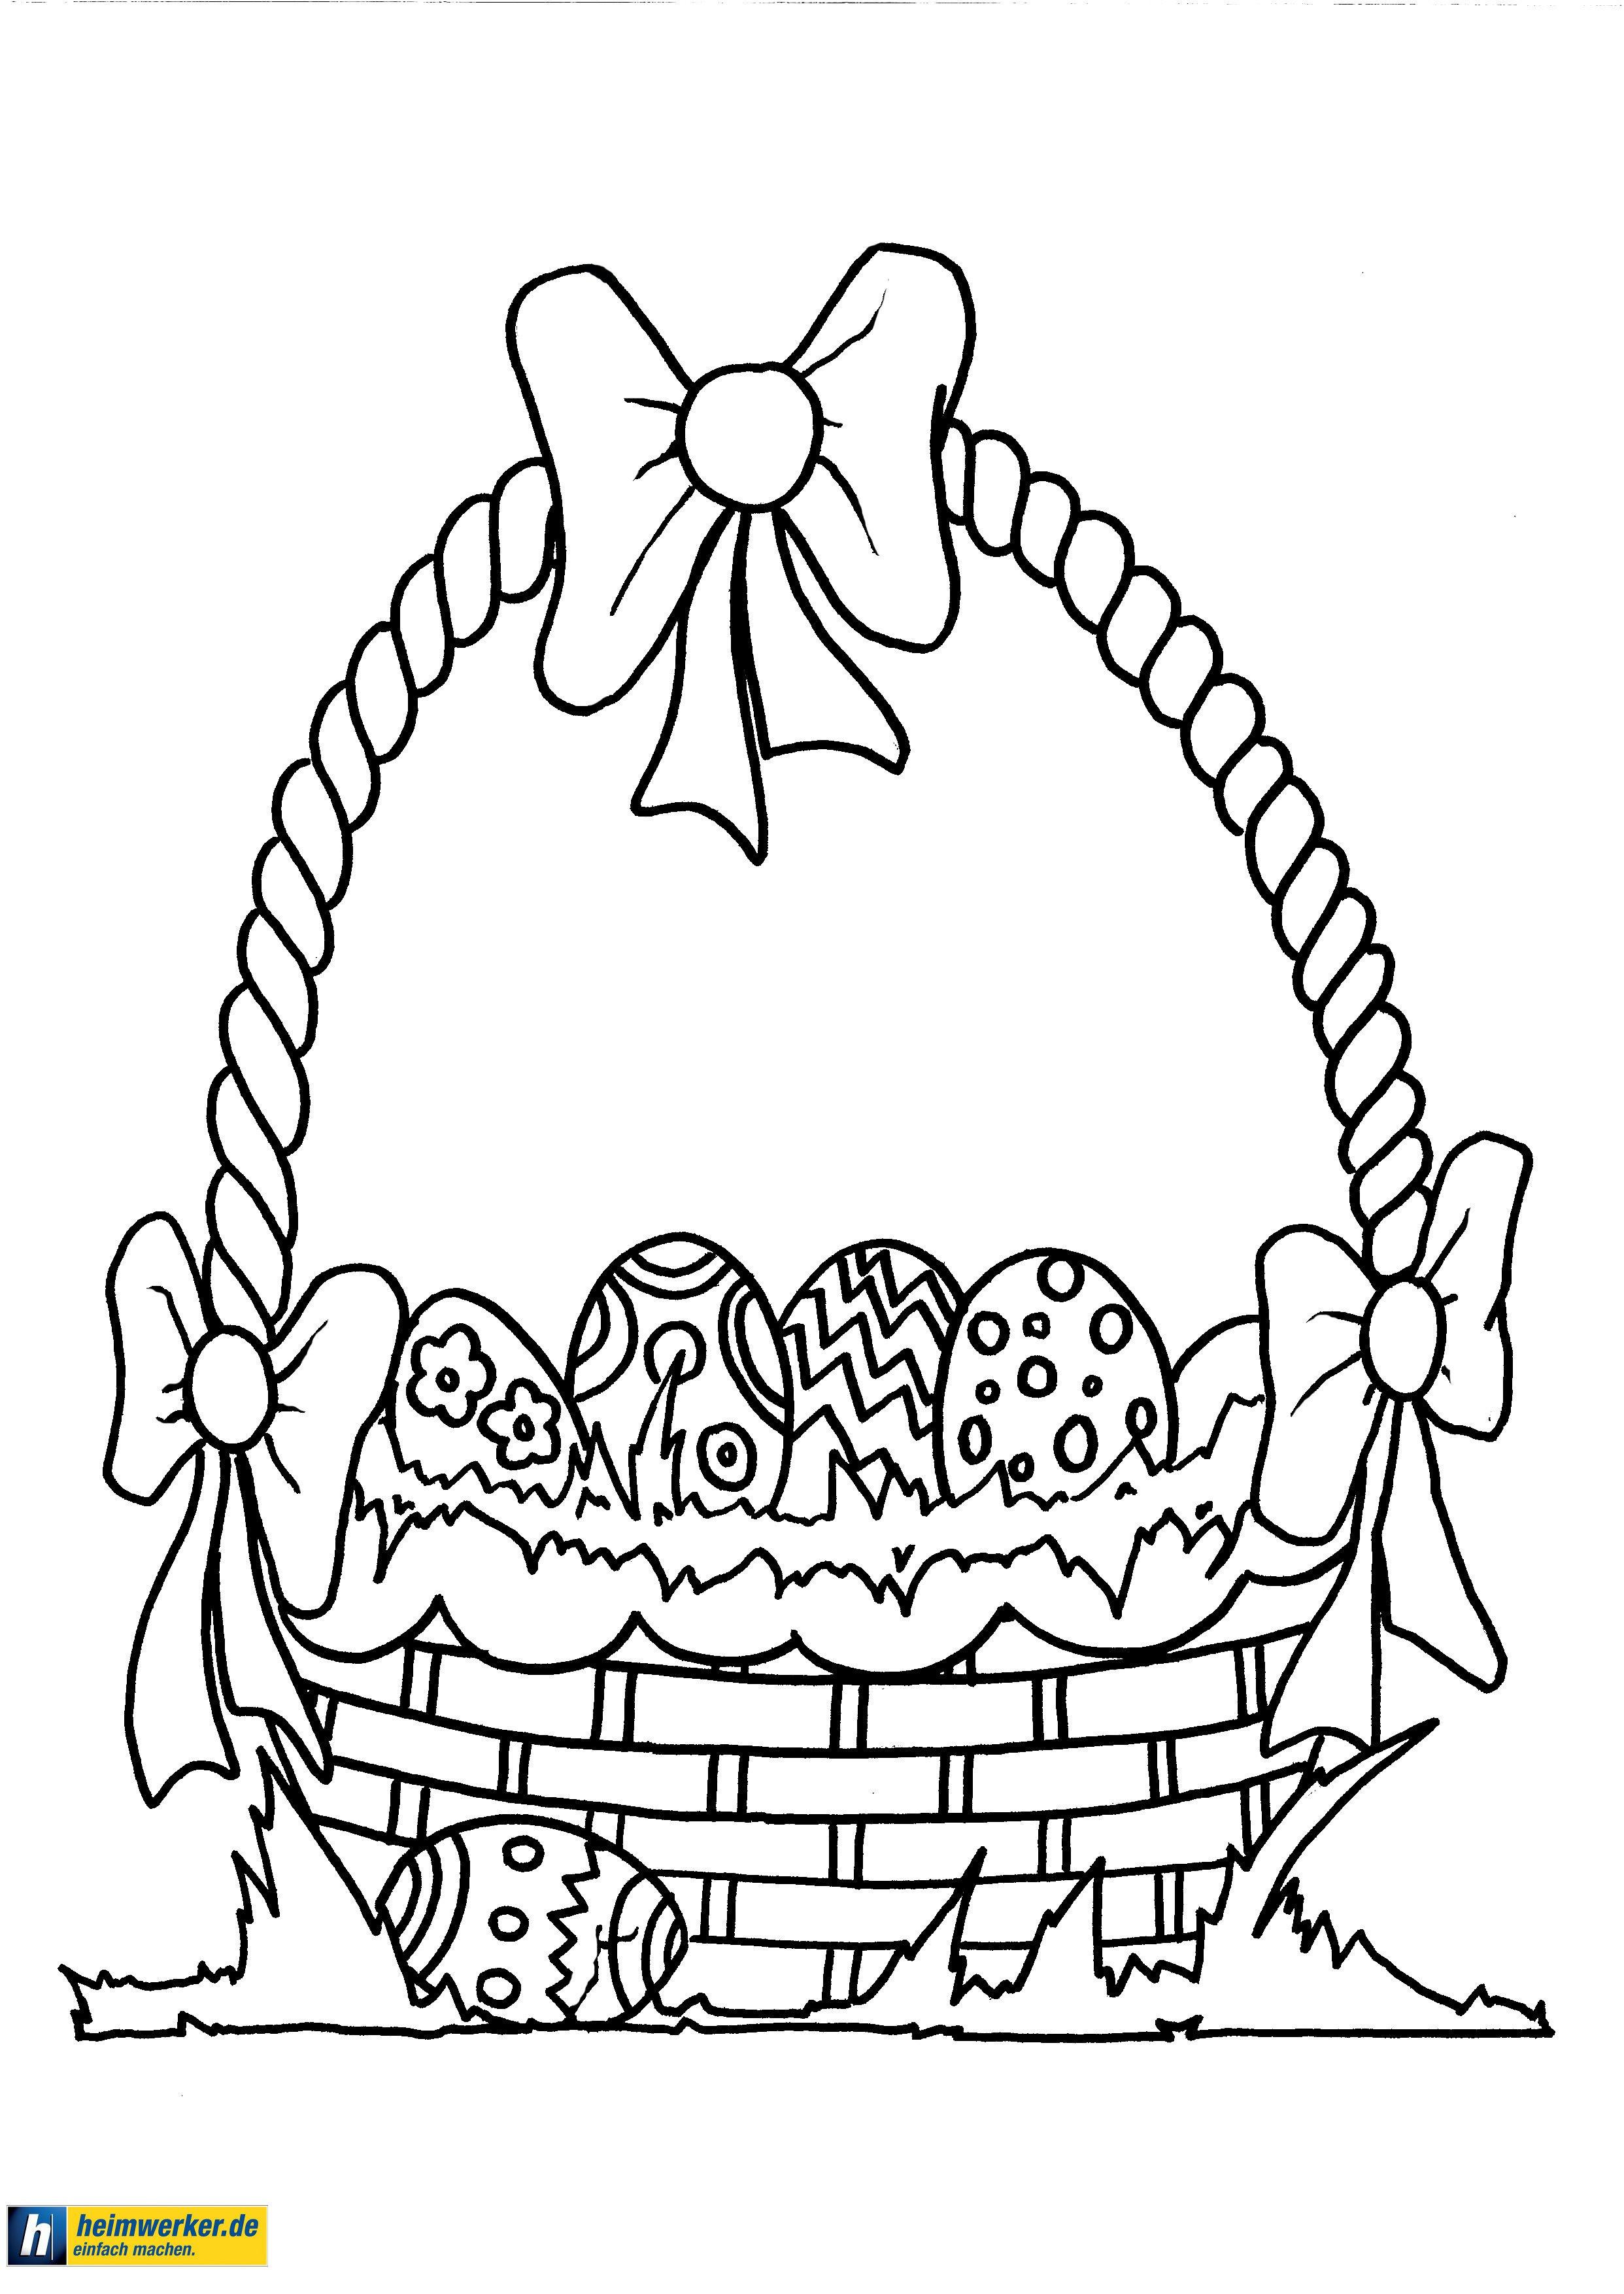 Frohe Ostern Bilder Zum Ausmalen Einzigartig Osterhase Und Osterei Malvorlagen Einzigartig Frohe Ostern Fotos